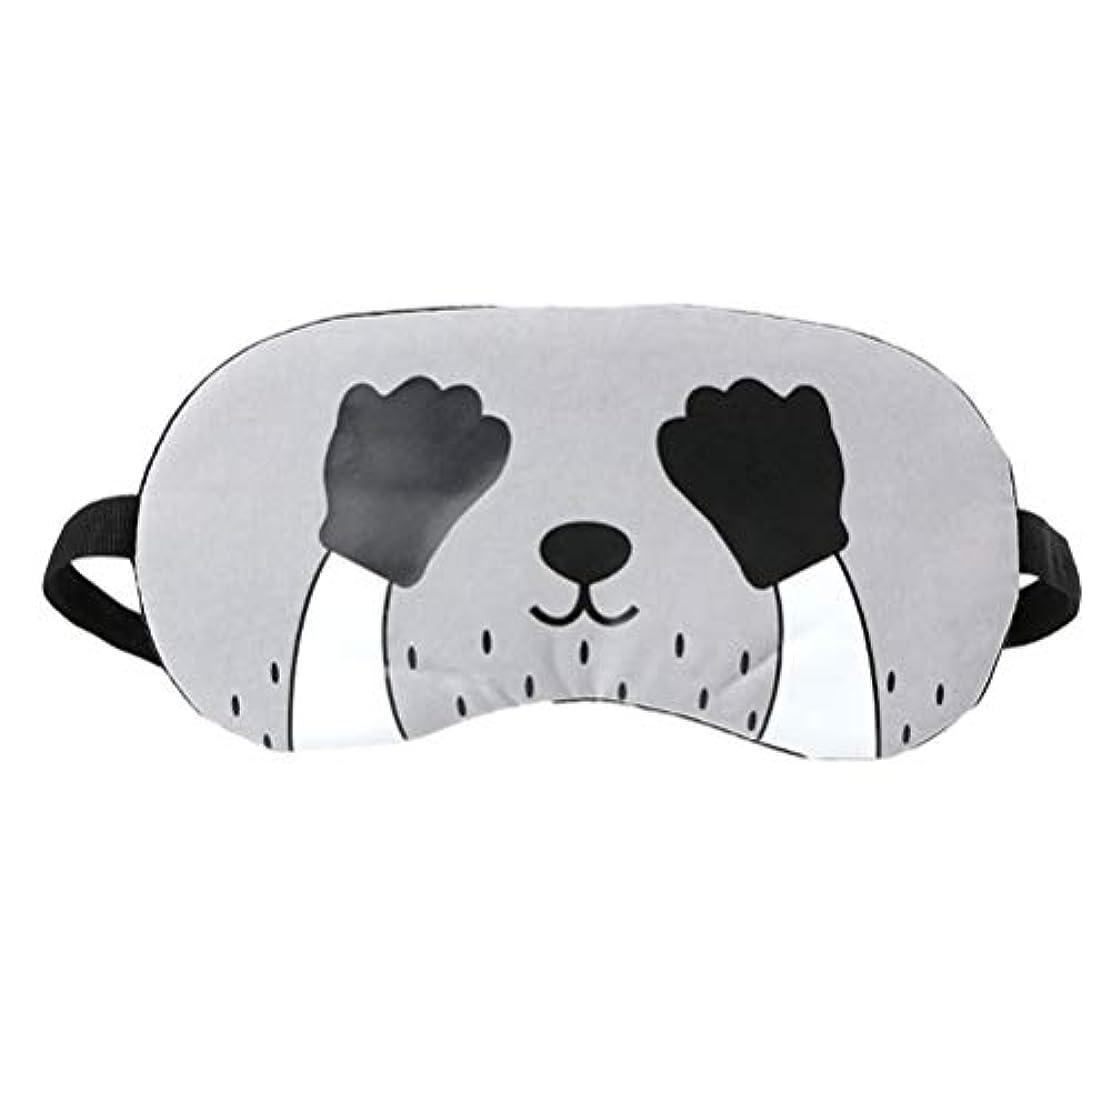 ラフ効率的パーフェルビッドHEALIFTY 眠る目のマスクかわいい漫画のプリント氷の圧縮睡眠マスク目隠しの女の子のための